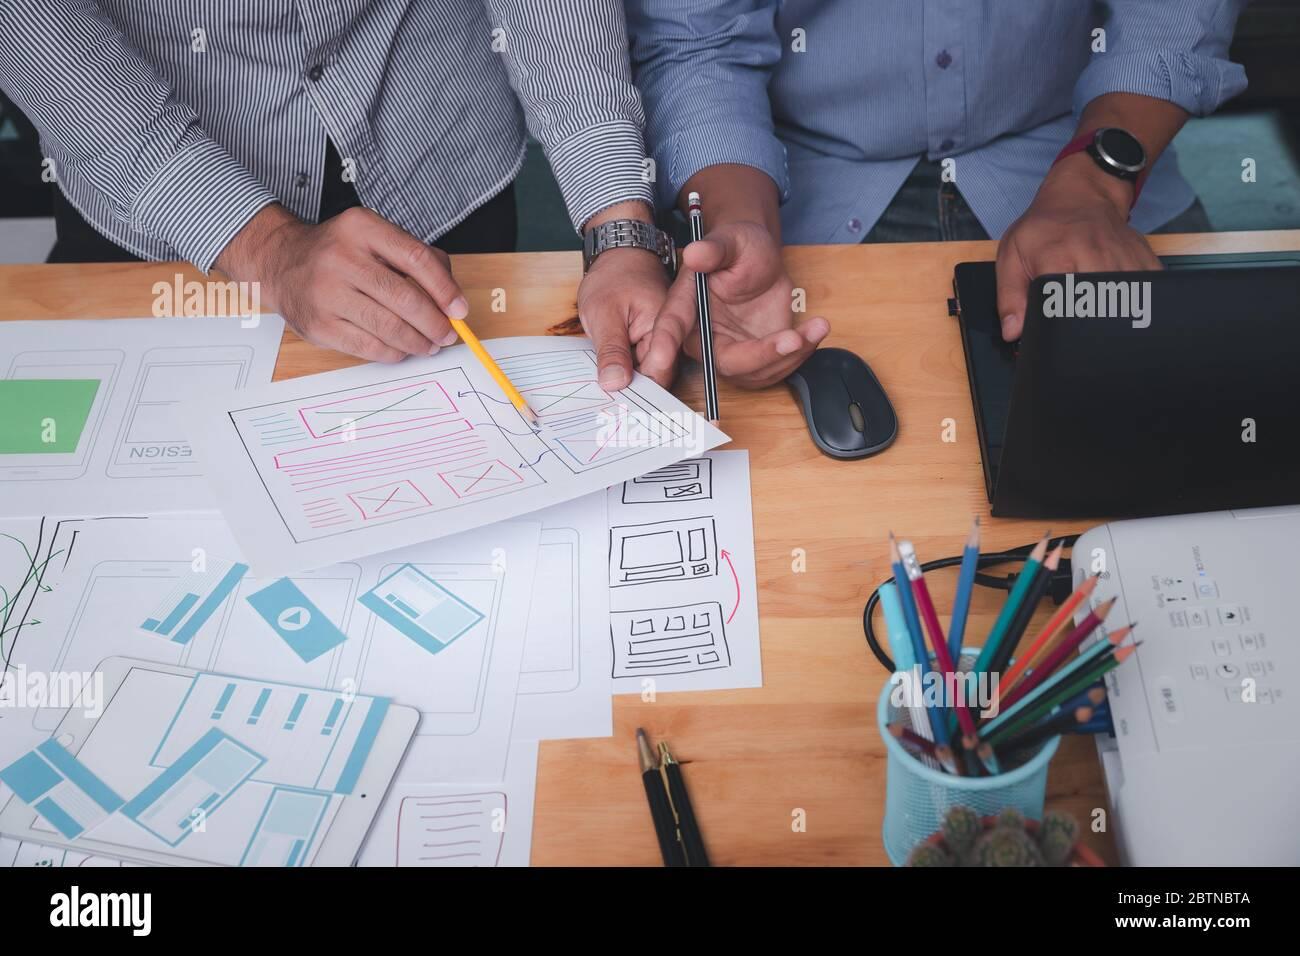 Diseñadores de UX o UI que diseñan en su proyecto prototipo de diseño de aplicaciones para smartphones. Foto de stock